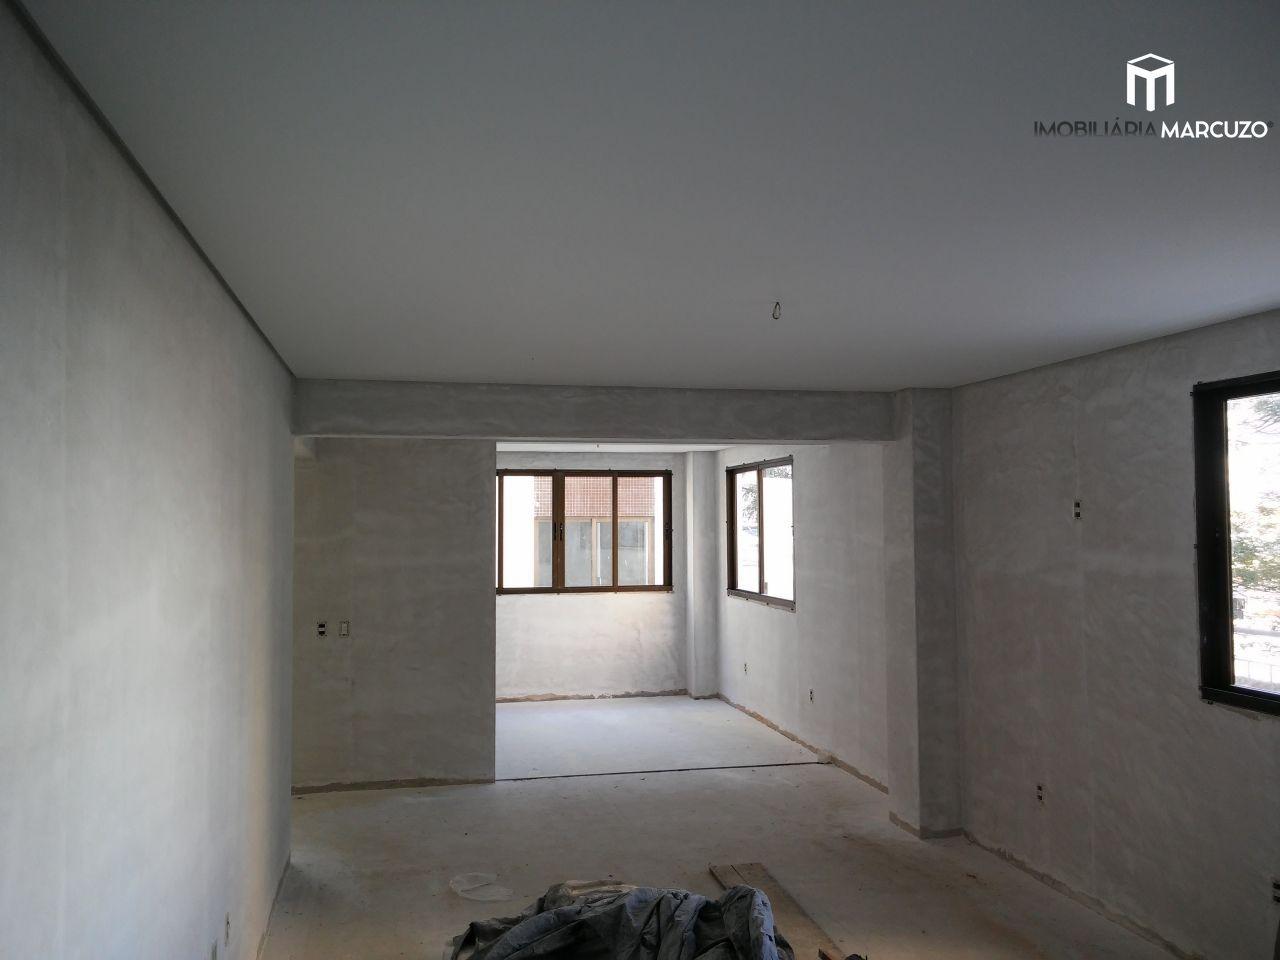 Apartamento com 2 Dormitórios à venda, 120 m² por R$ 470.000,00